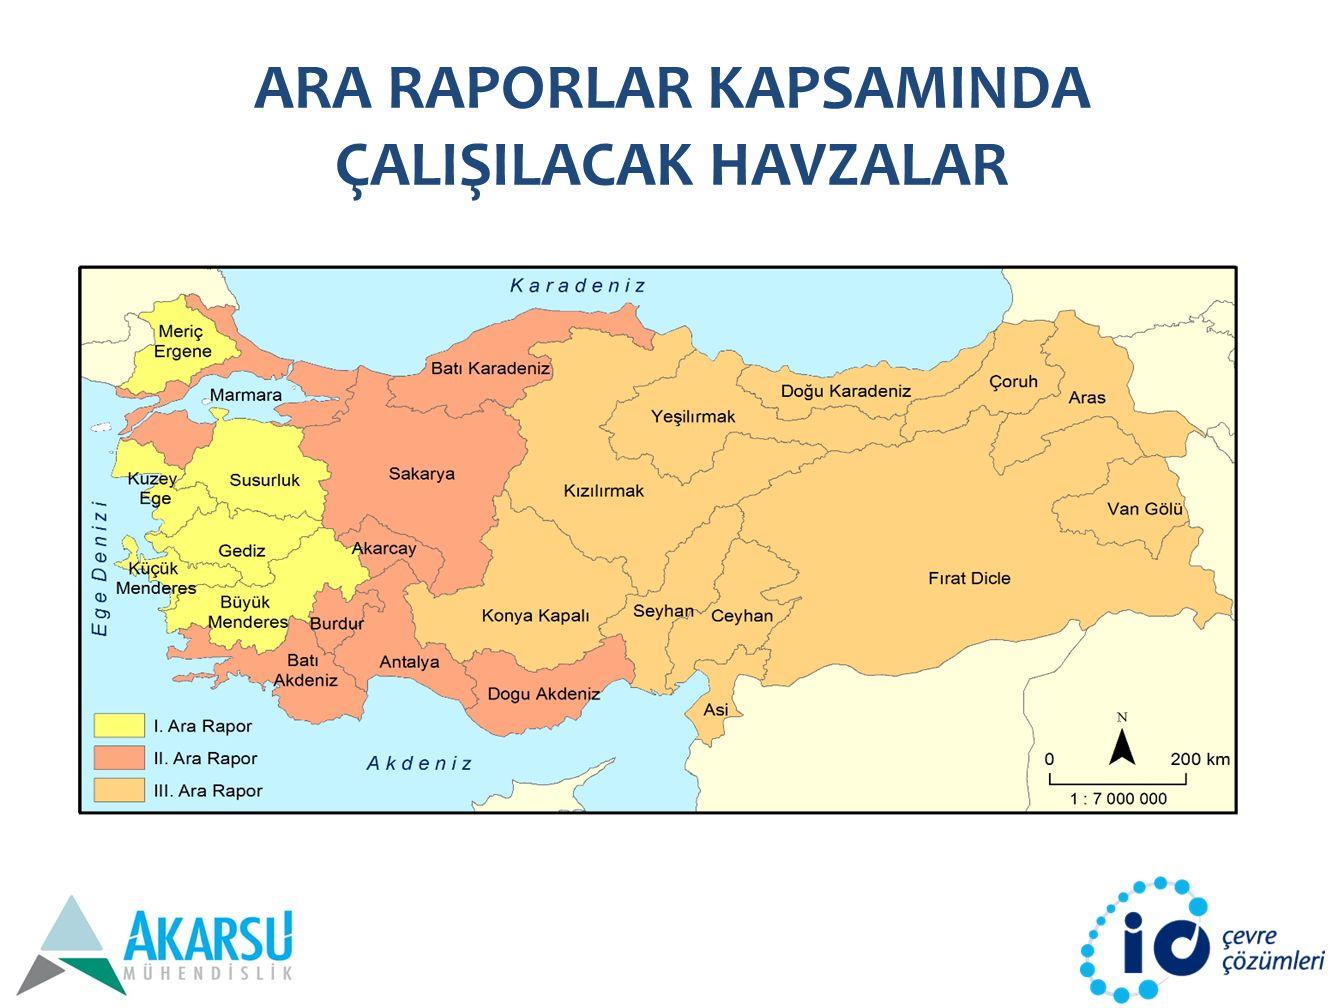 İKLİM DEĞİŞİKLİĞİ PROJEKSİYONLARI – Türkiye üzerinde toplam kar örtüsü miktarında azalmalar öngörülmektedir – Ayrıca artan sıcaklıklara bağlı olarak bahar aylarında mevcut kar daha erken erime fazına geçerek bahar aylarının sonlarında ve yazın bölgede su stresini arttıracaktır – Günlük maksimum sıcaklıkların 25°C'yi aştığı günlerin sayısında artış gözlenmektedir – Donlu gün sayılarında ise belirgin azalma göze çarpmaktadır – Yüzyıl sonuna doğru sıcak hava dalgalarındaki hızlı artışın, Türkiye'nin orman yangınları riskini dramatik olarak arttırması beklenmektedir – Türkiye'nin Doğu Anadolu ve Güney Doğu Anadolu bölgelerinde sıcak hava dalgası beklenen gün sayıları 200'lere ulaşacaktır